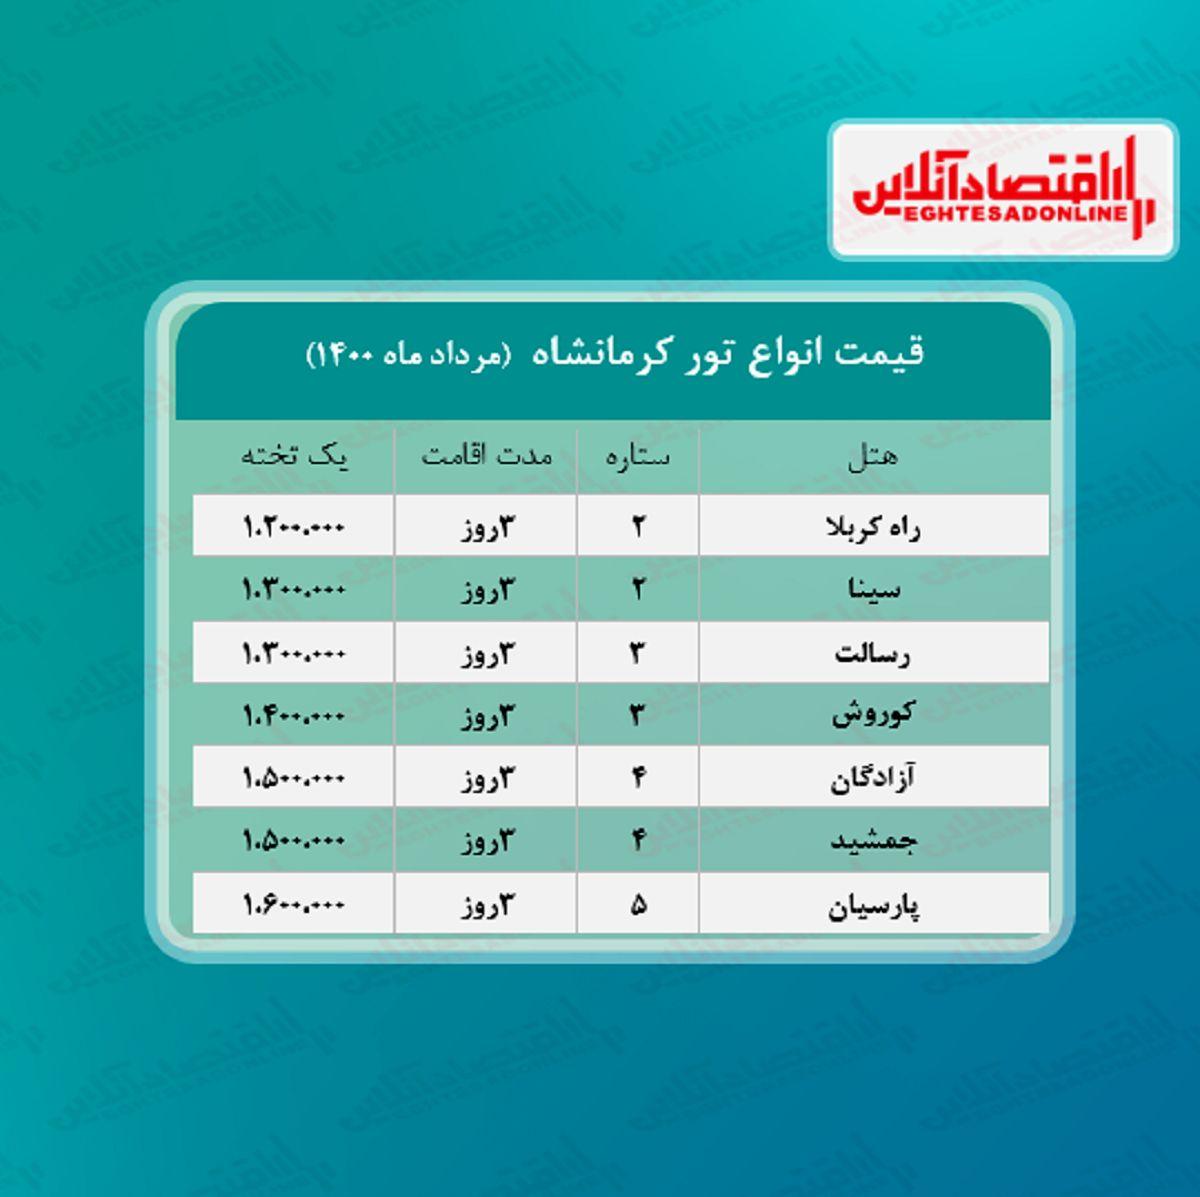 قیمت جدید تور کرمانشاه (هوایی) + جدول